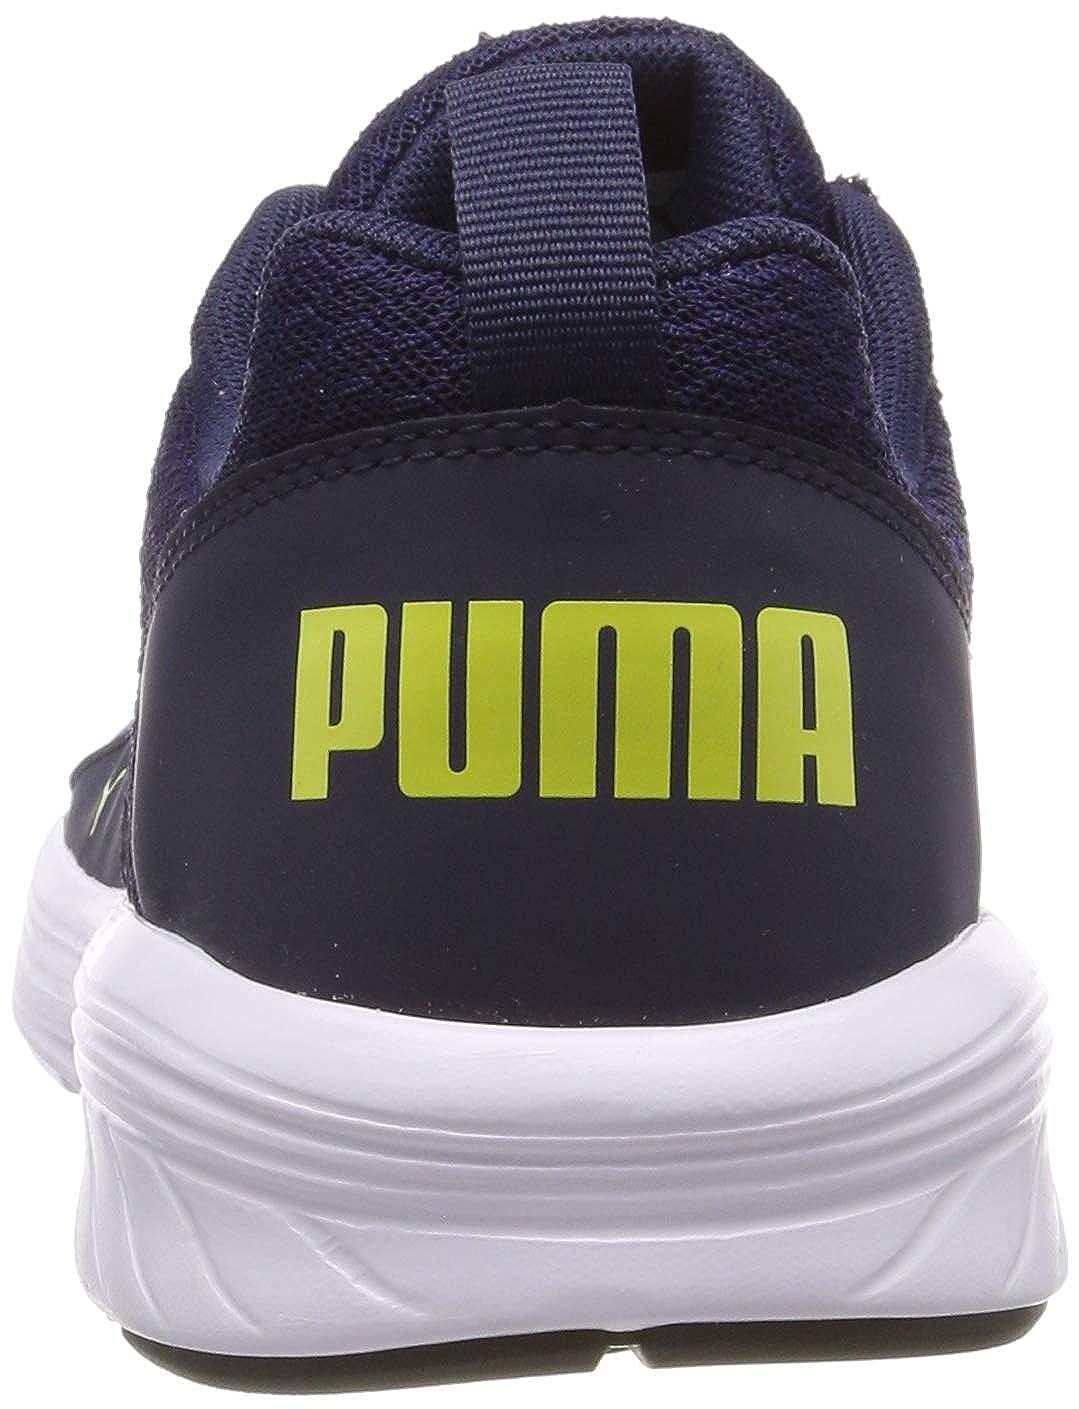 f39c96f48a7 Puma Nrgy Comet